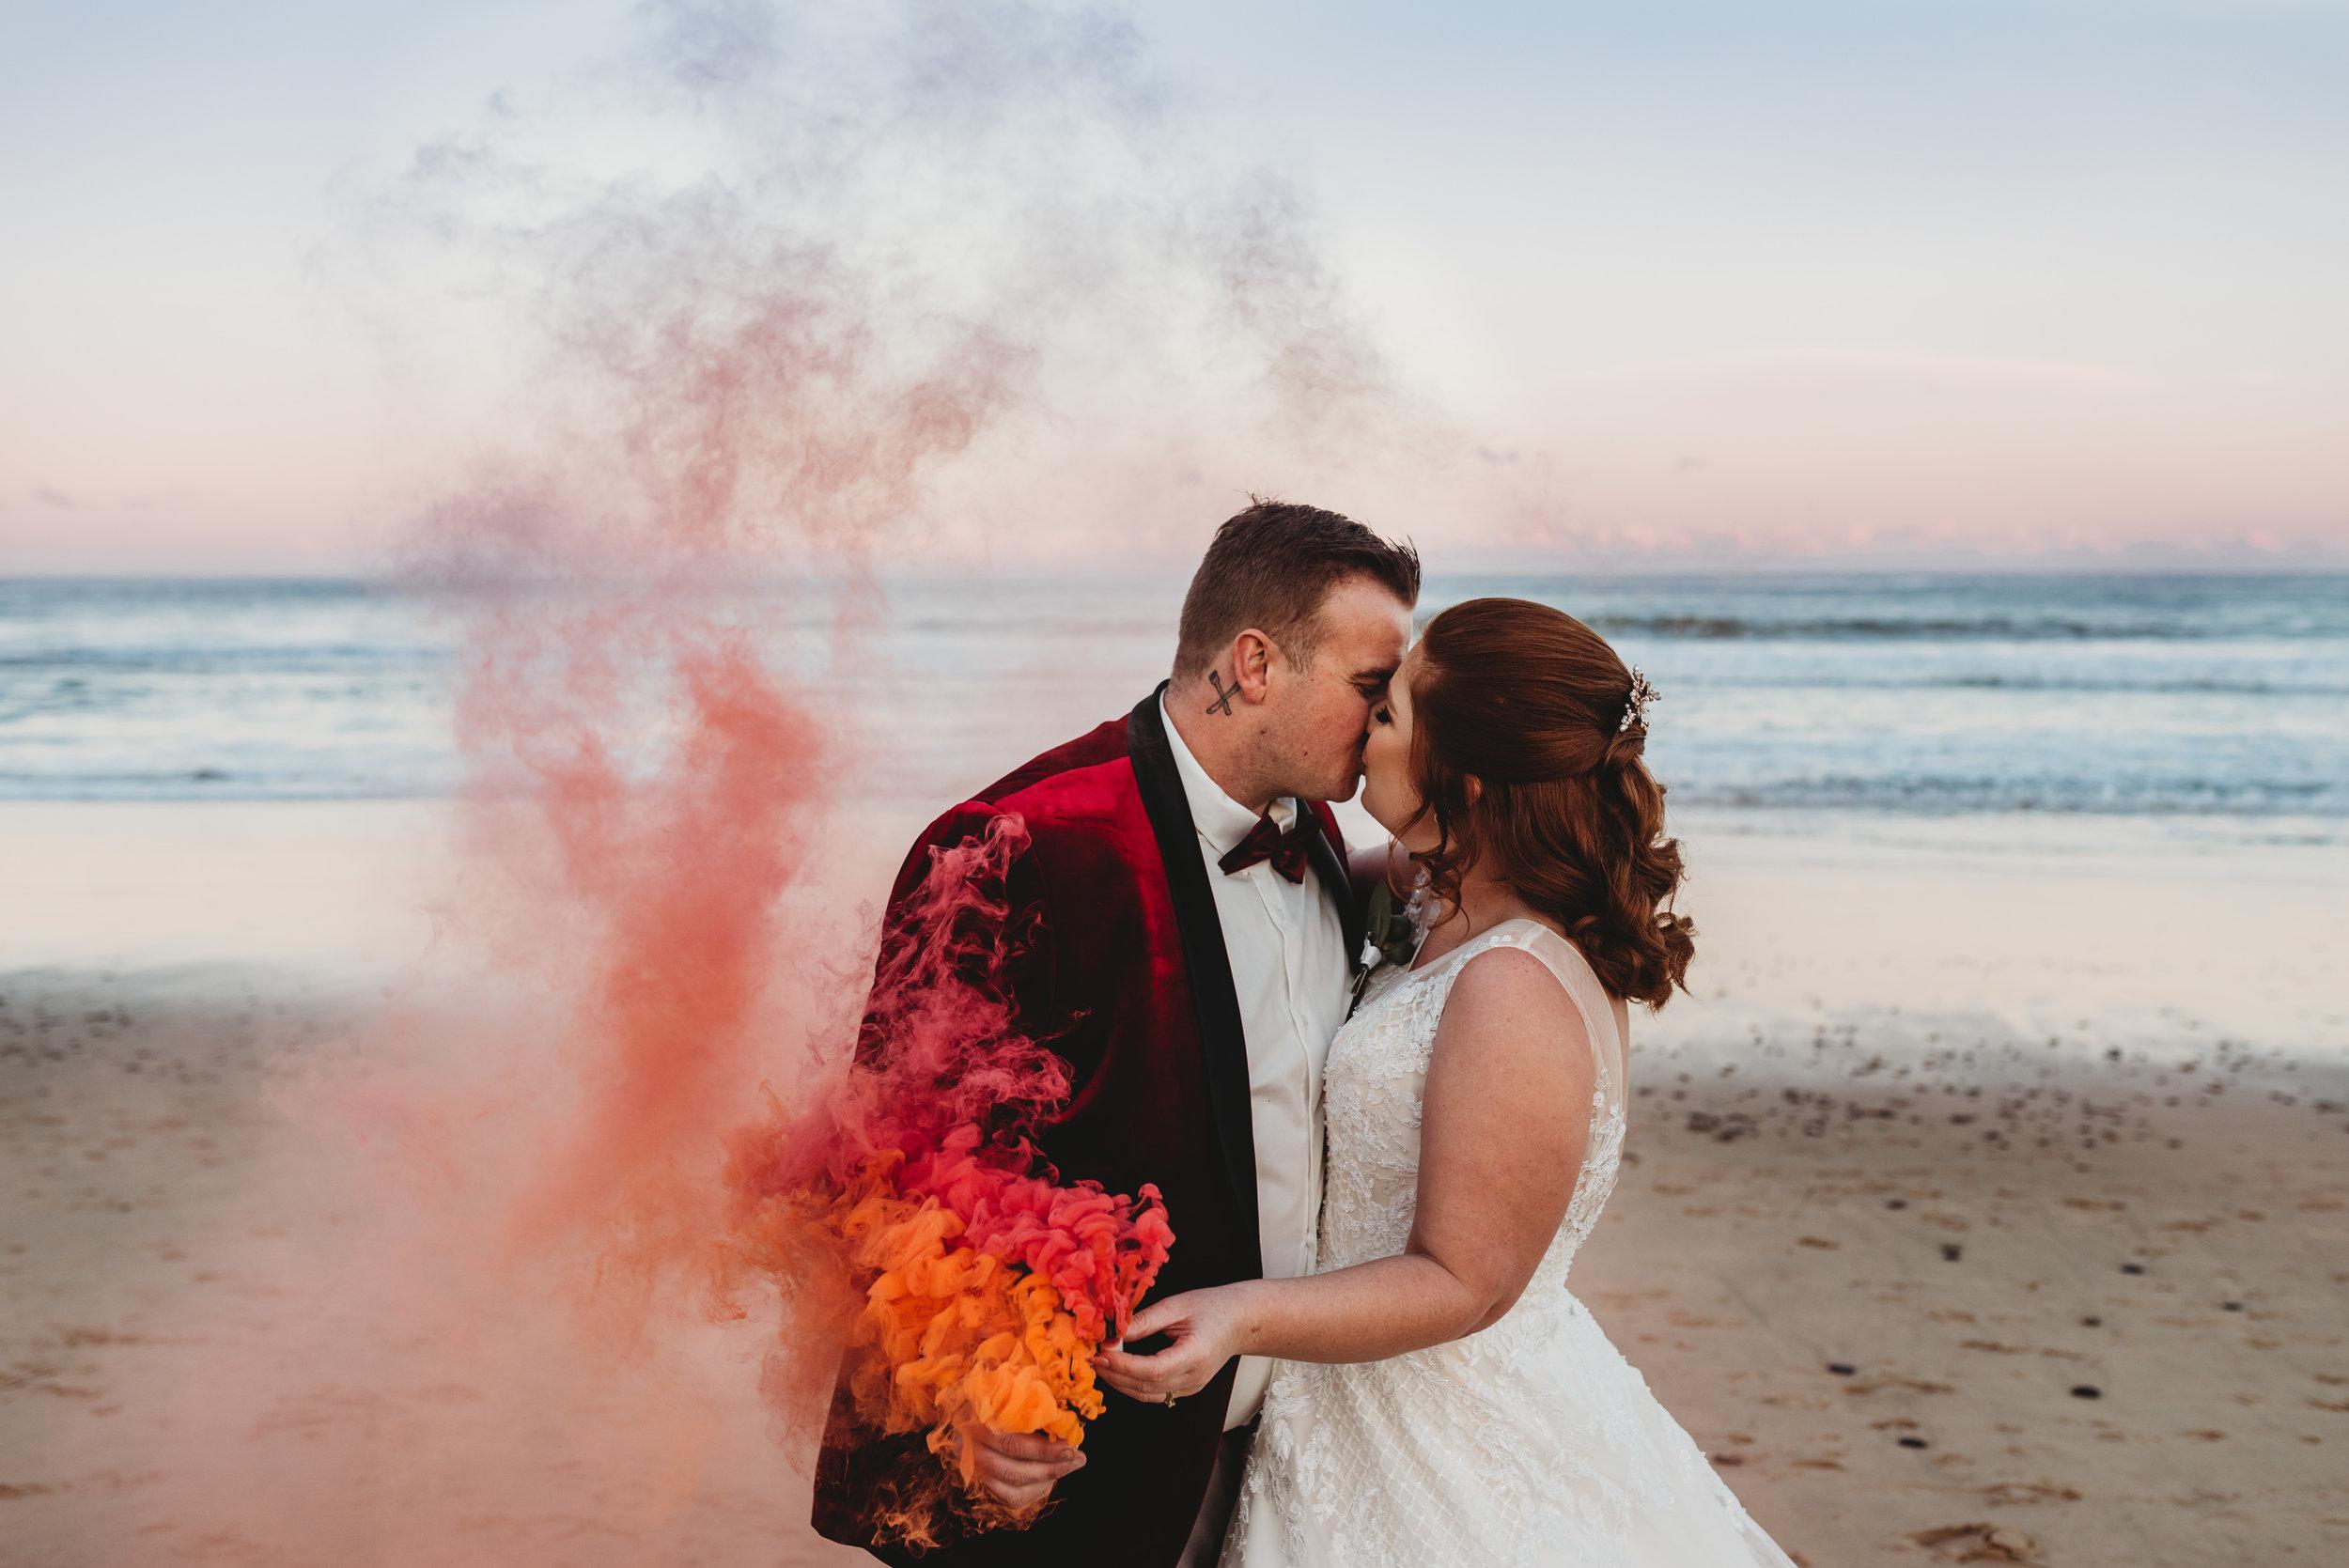 Mel & Mitch - Glastonbury Gardens, Austinmer & Thirroul SLSC Wedding    3rd August, 2019